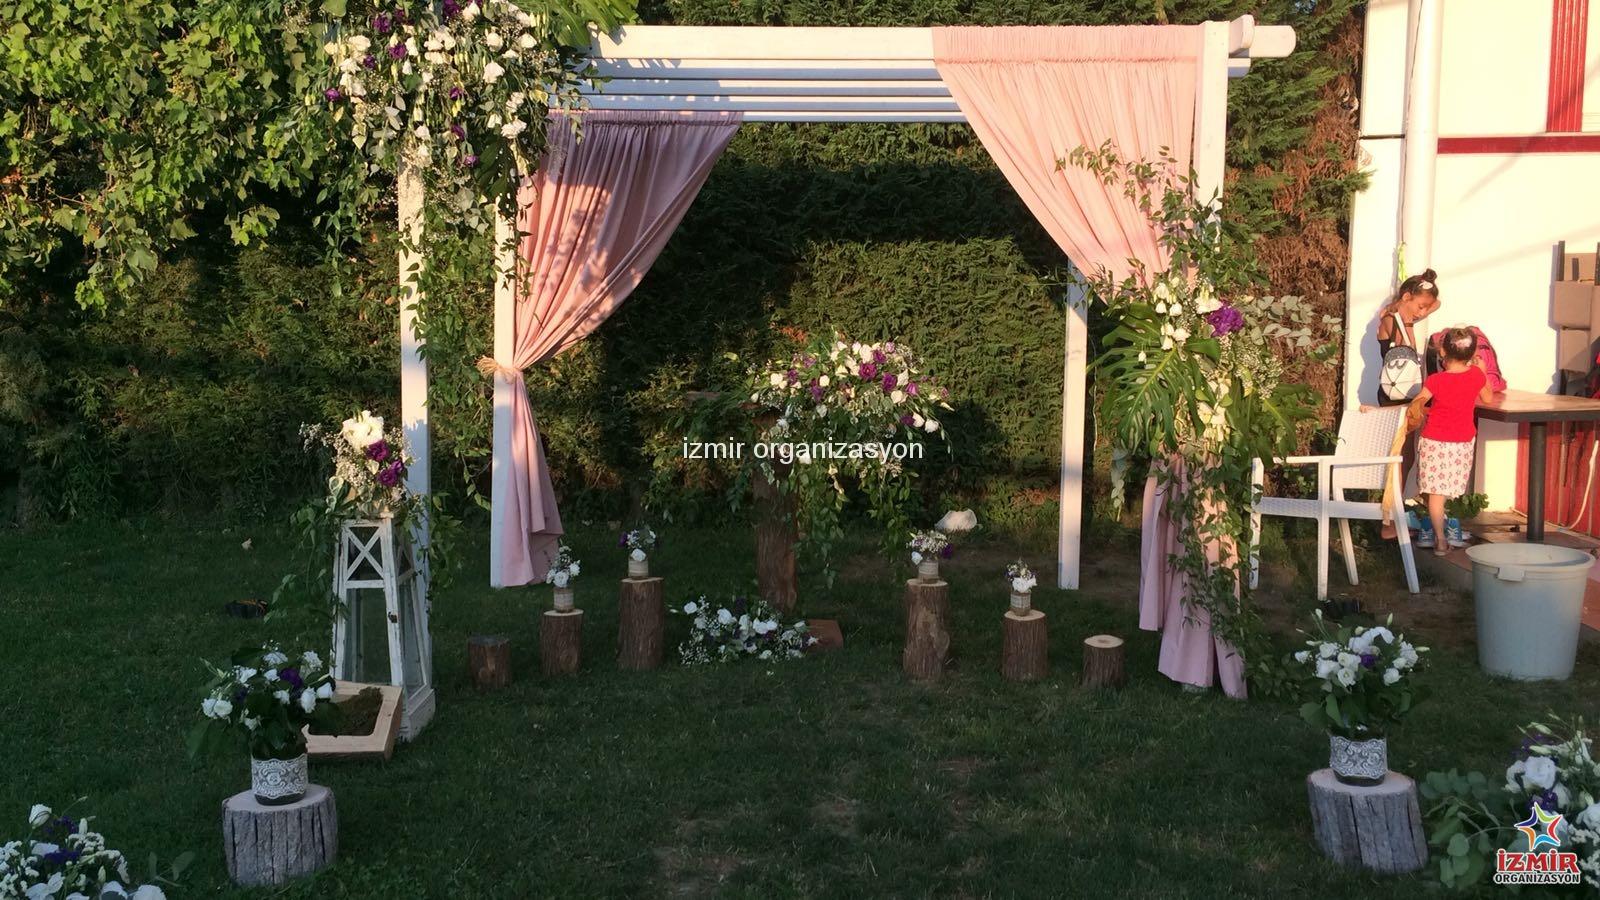 Kemalpaşa Düğün Organizasyonu İzmir Organizasyon